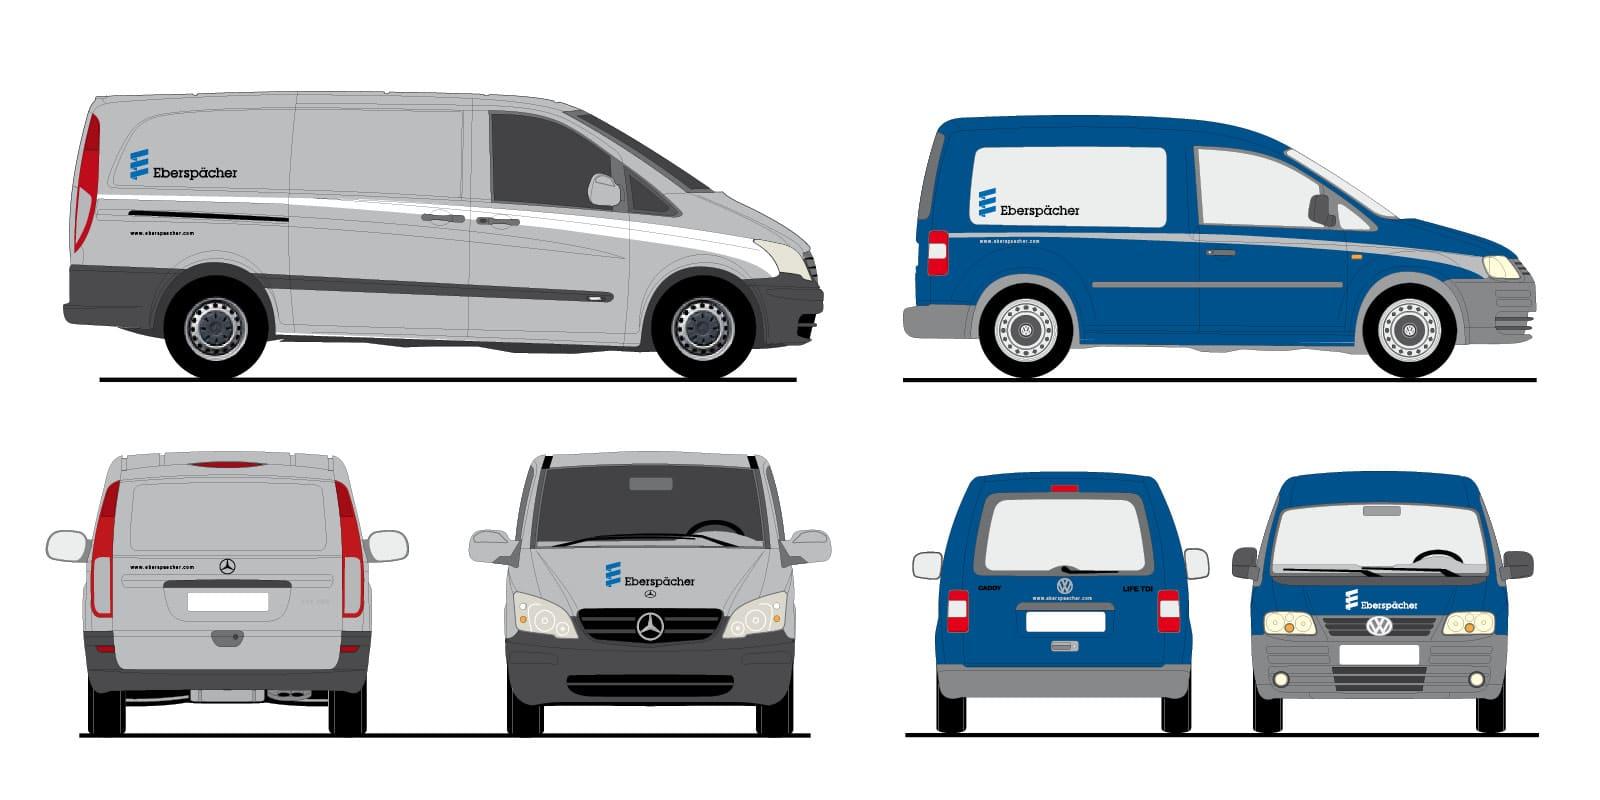 Eberspächer – Fahrzeugbeschriftung